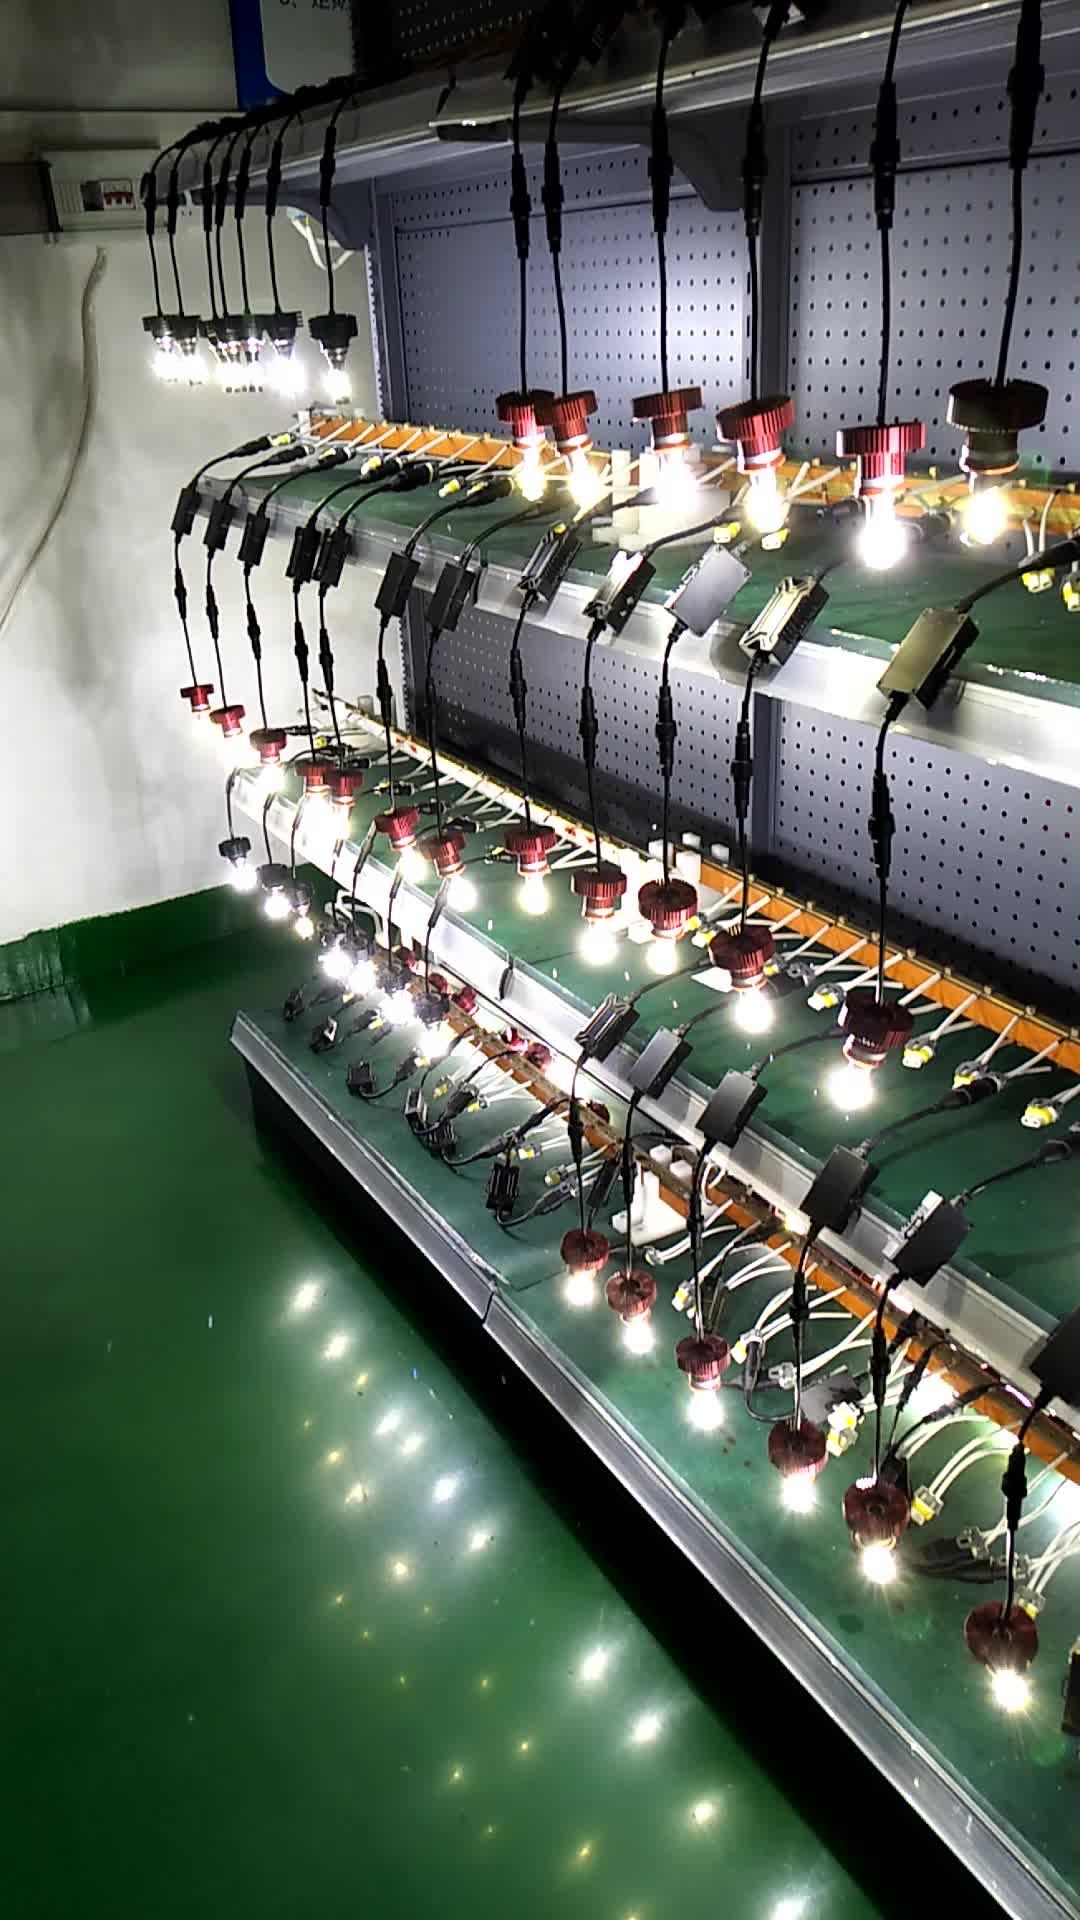 2018 nuevo 100 W sistema de iluminación automático 12000 Lumen 12 V 9005 9006 H1 H11 H4 H7 Led faro bombilla h7 H4 Led H4